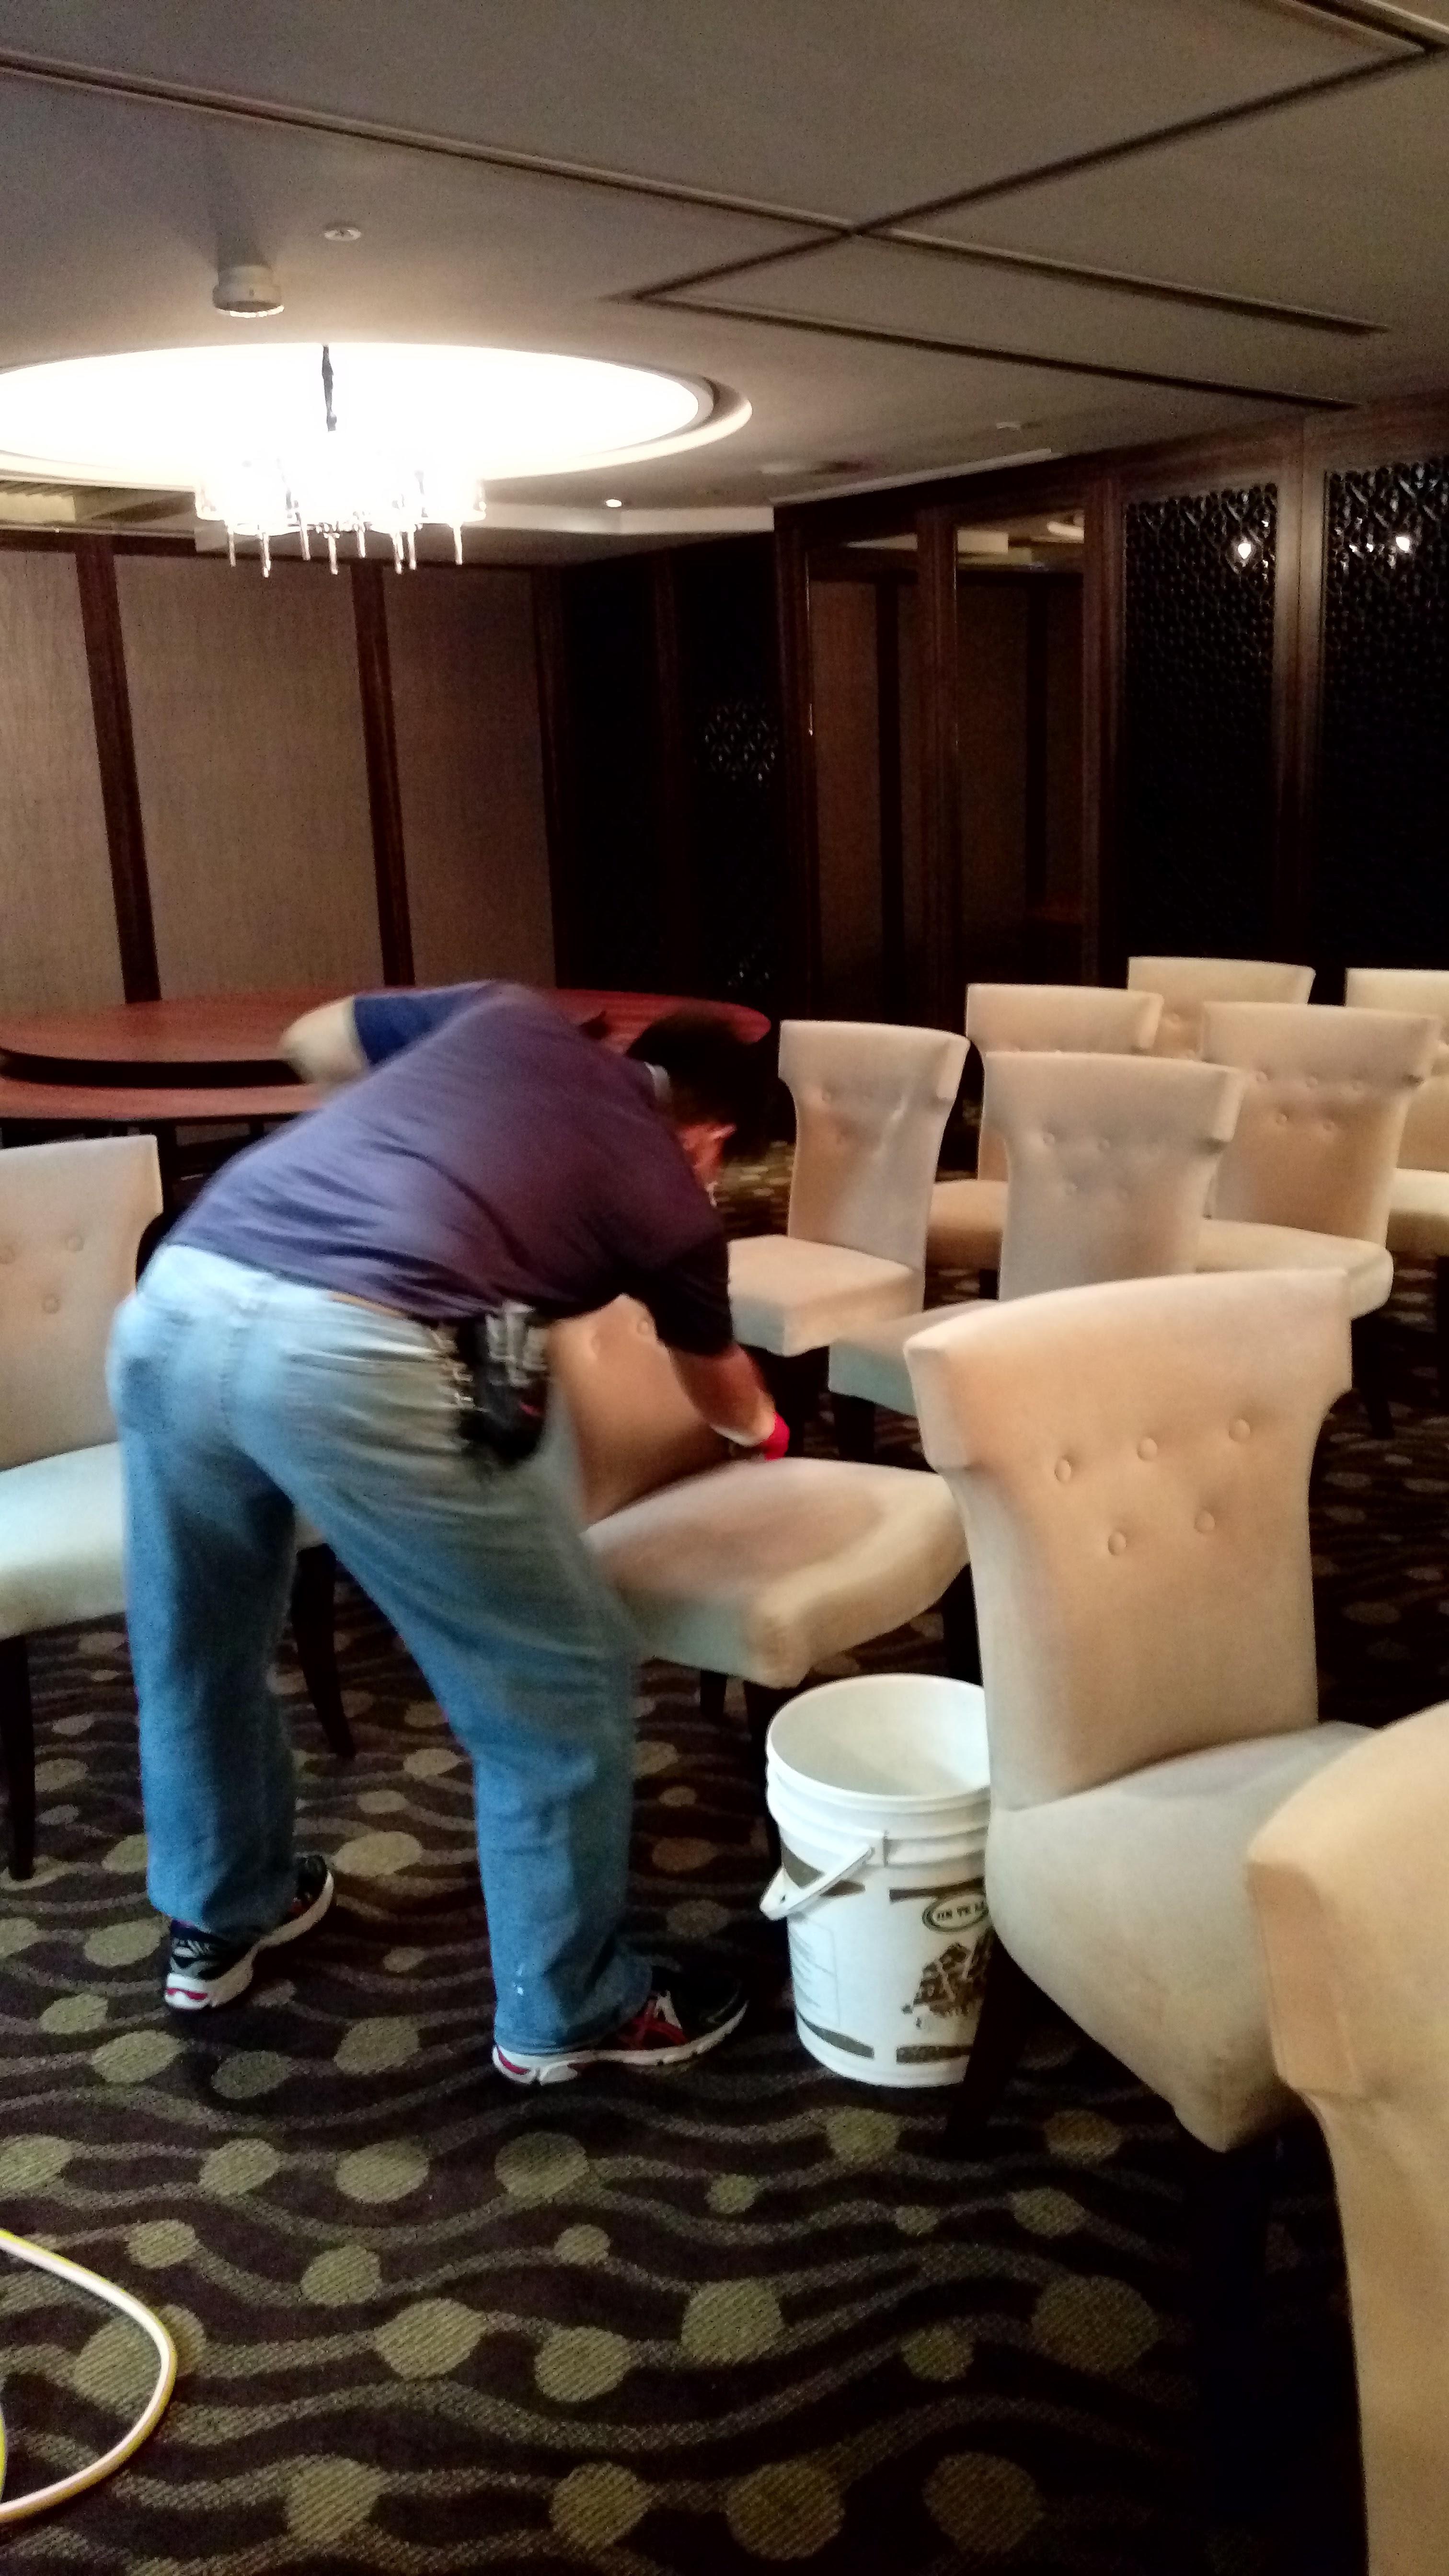 台中昱群OA辦公椅.屏風沙發地毯專業清潔服務-.請洽0986460298-許先生 - 20151110154001-141686439.jpg(圖)